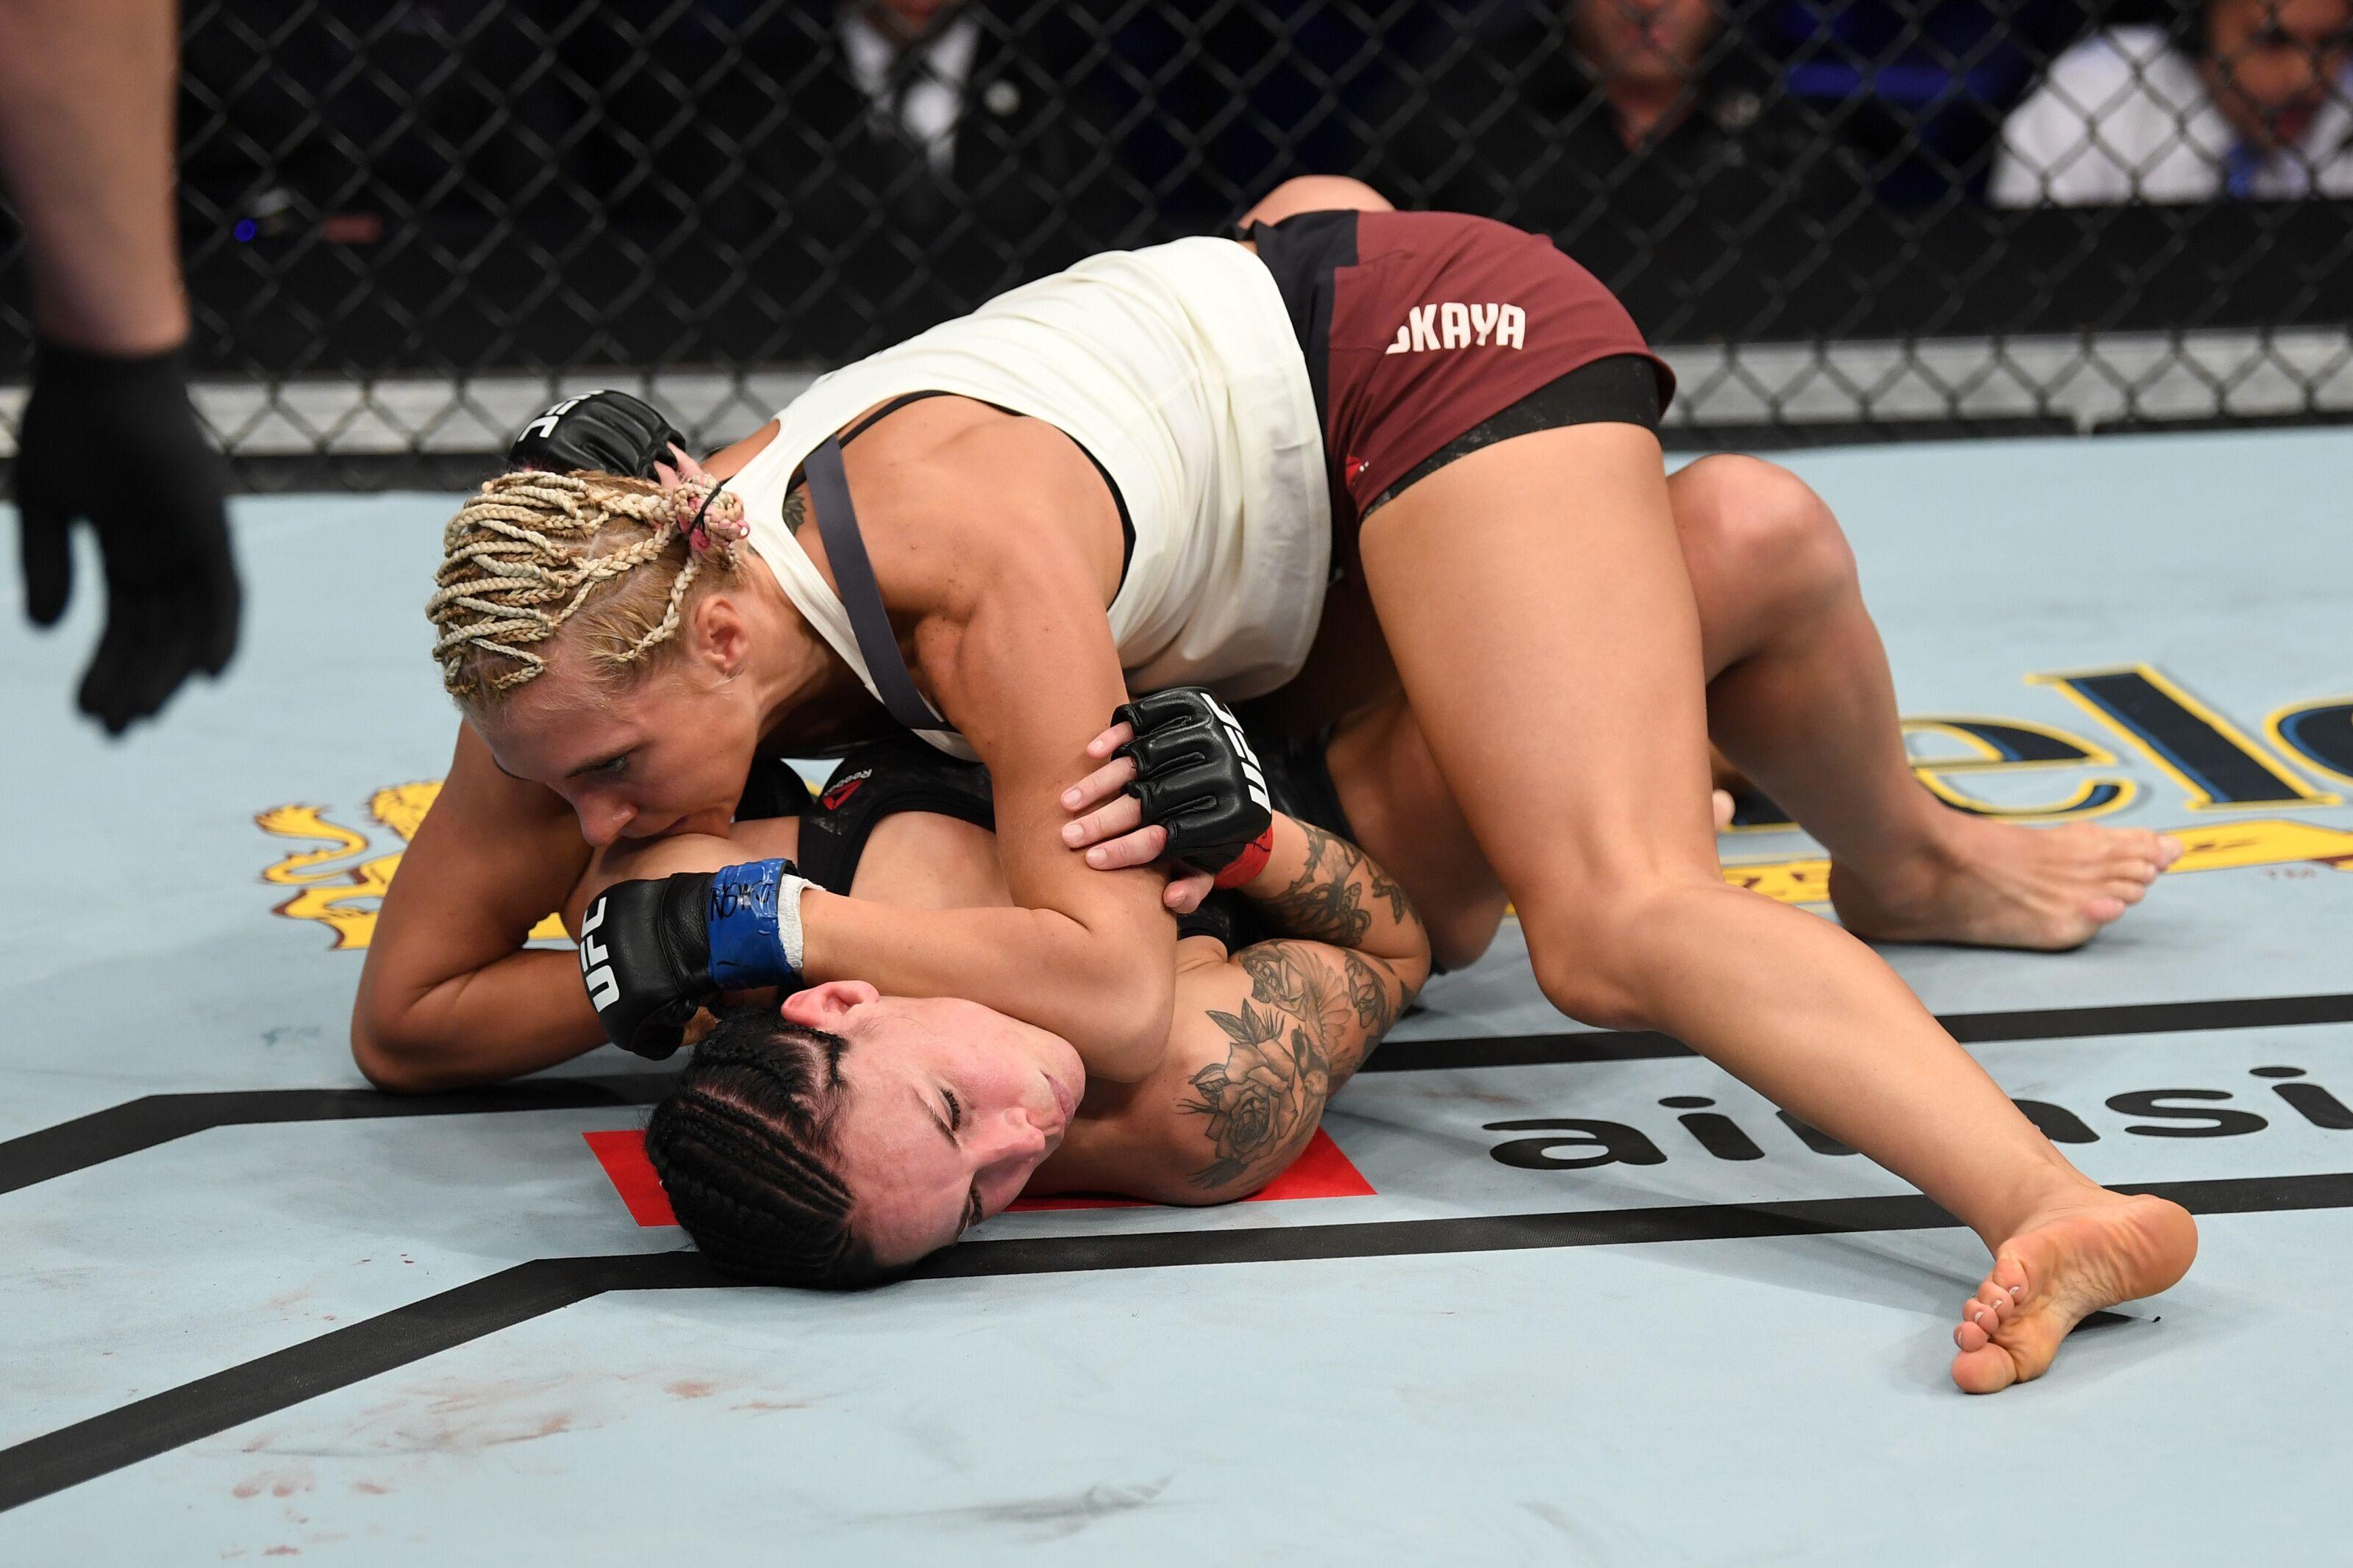 UFC 229: Yana Kunitskaya overpowers Lina Lansberg to pick up first UFC win